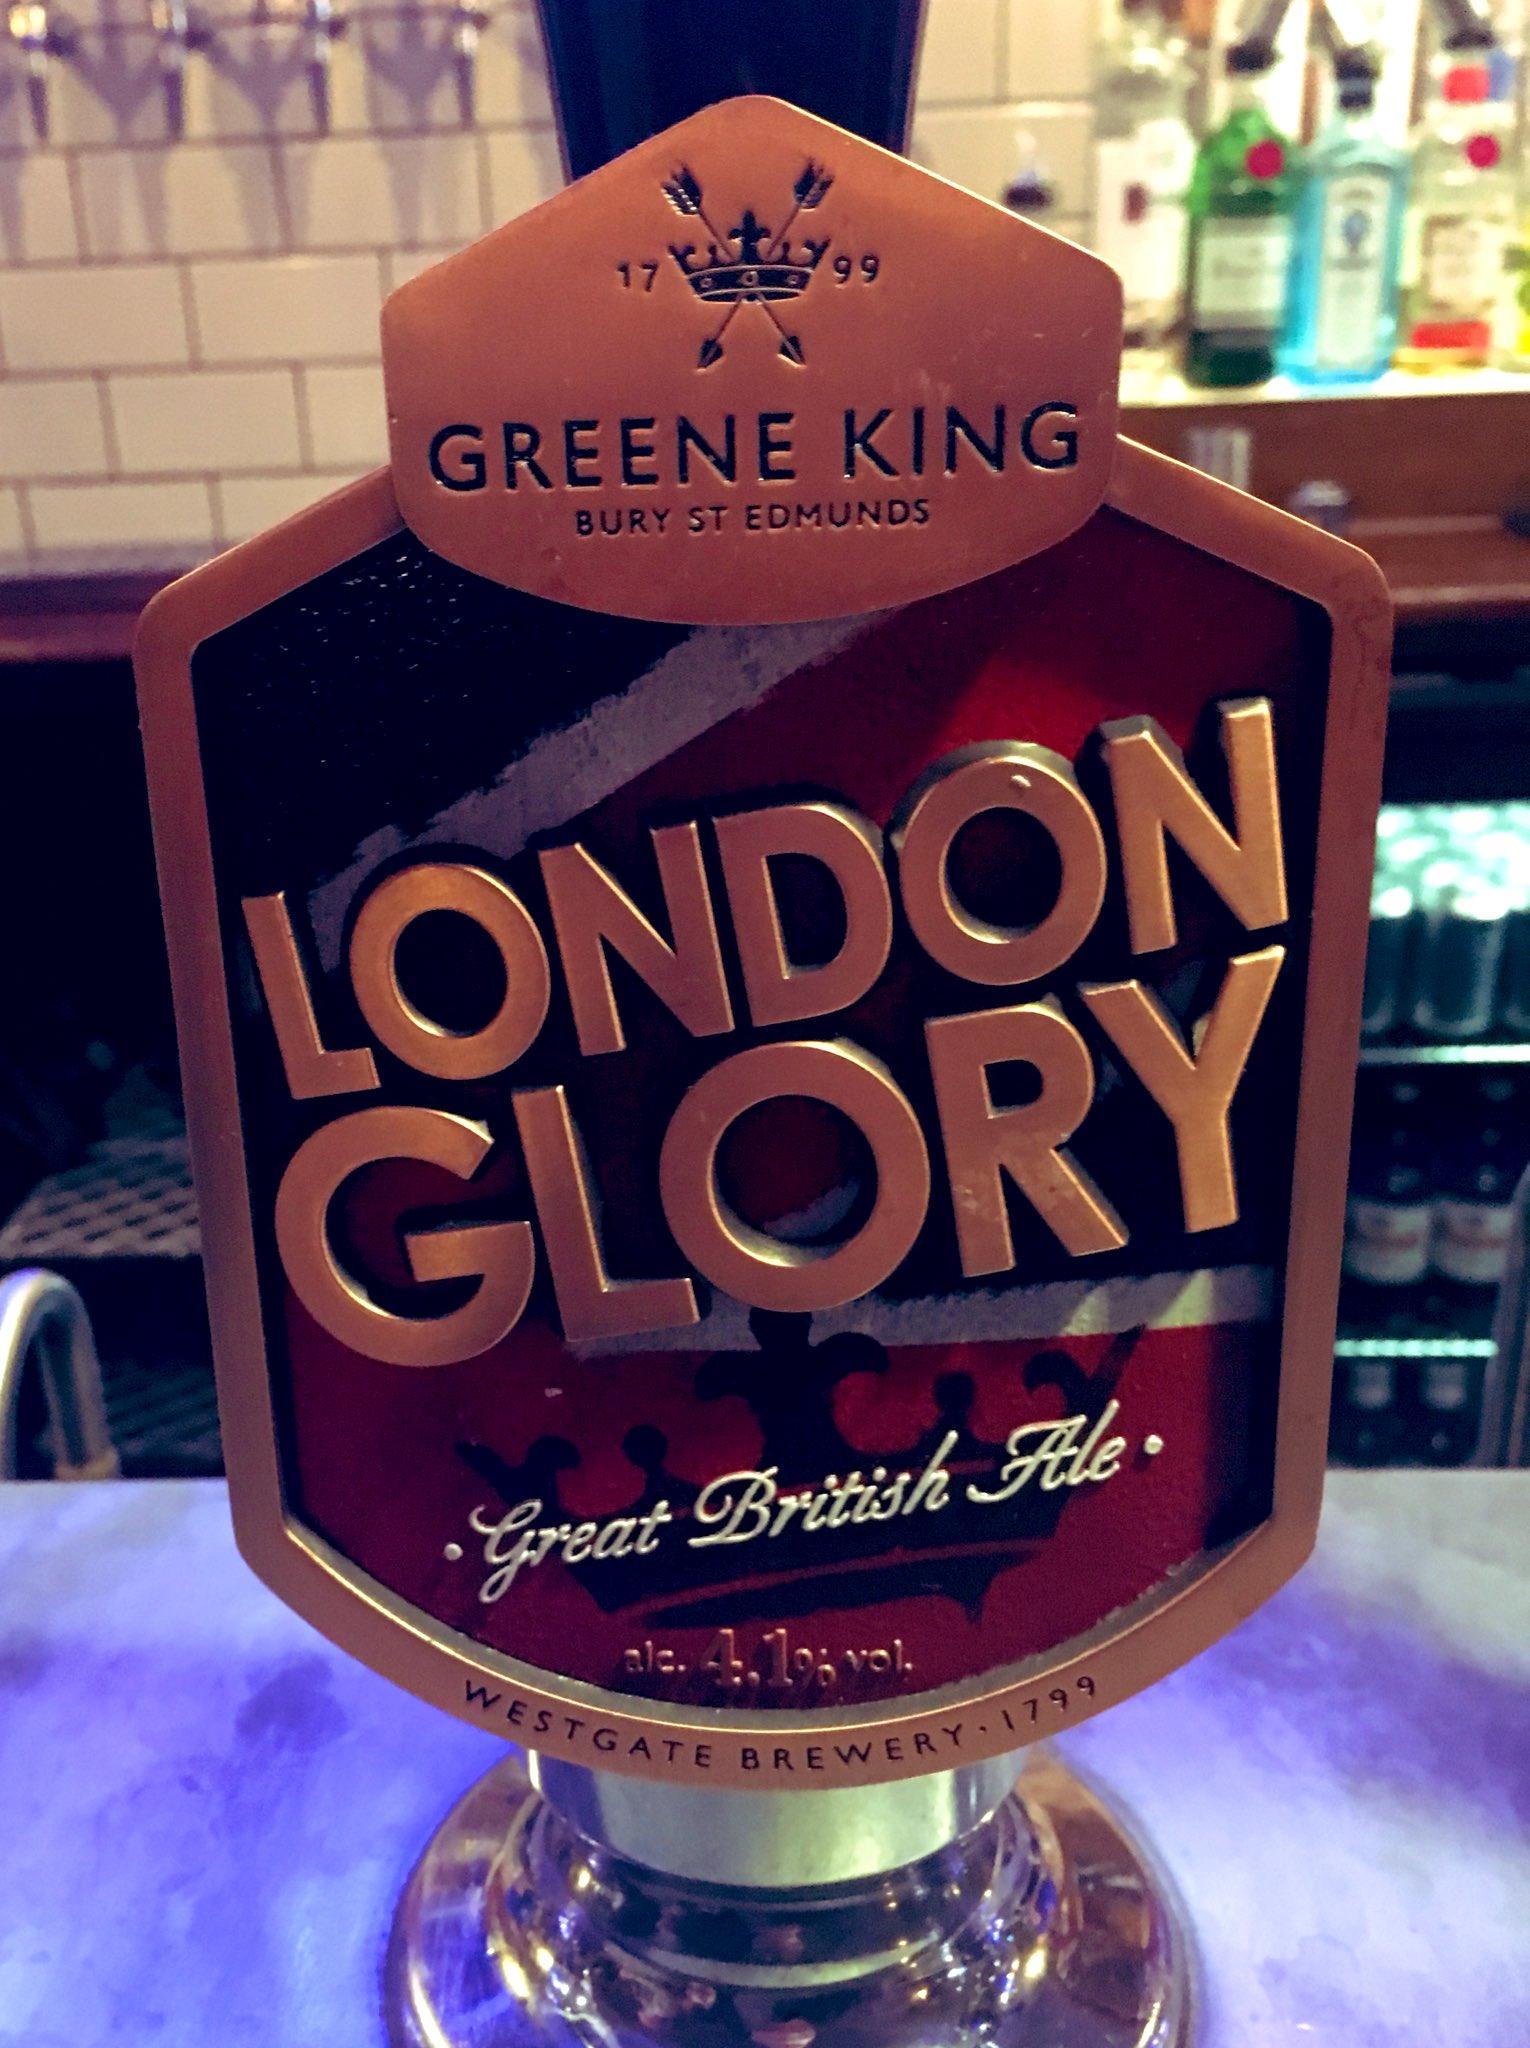 83: London Glory